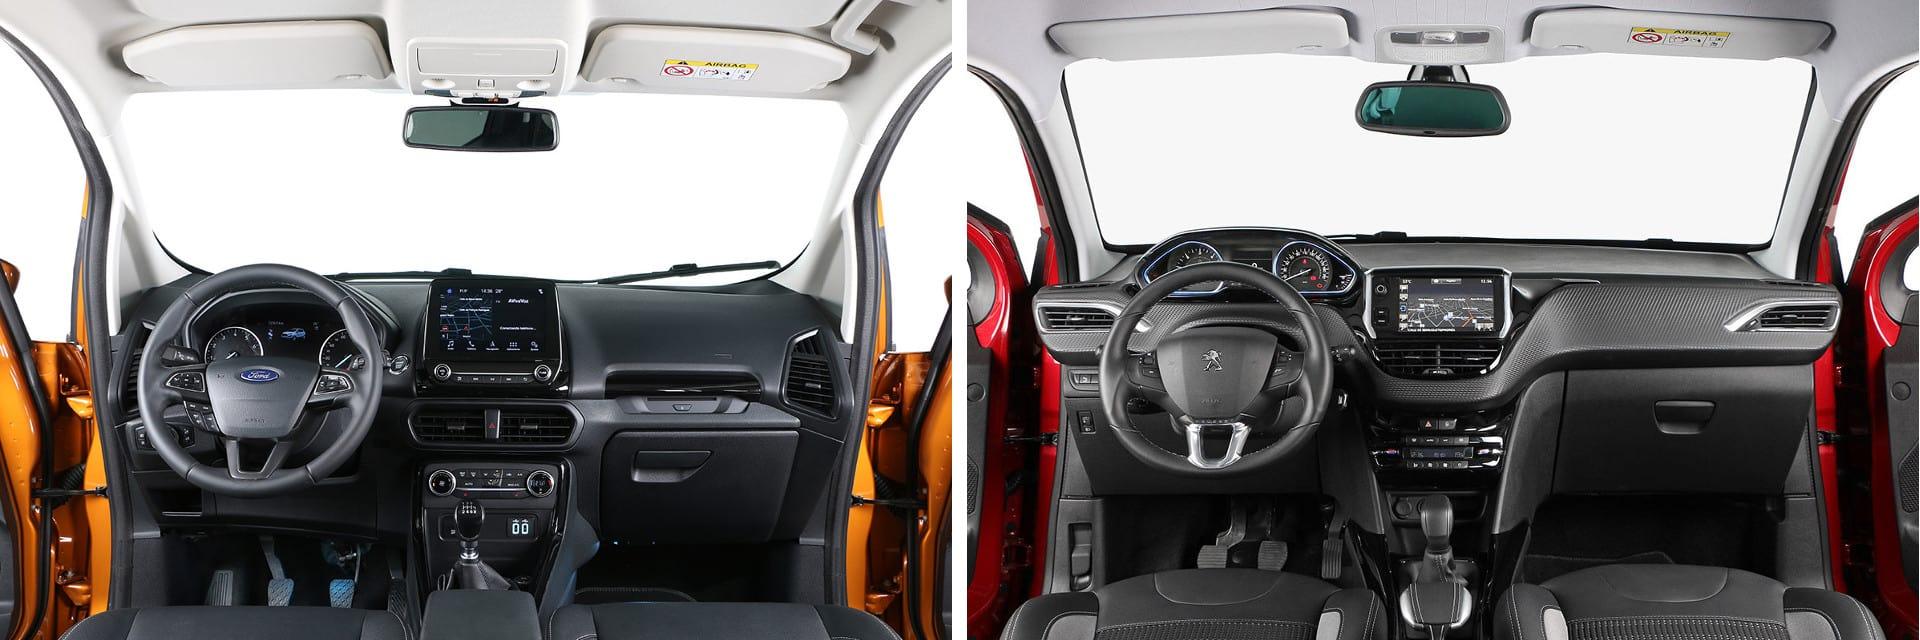 Ambos modelos tienen materiales de buena calidad en su interior y numerosos huecos portaobjetos.